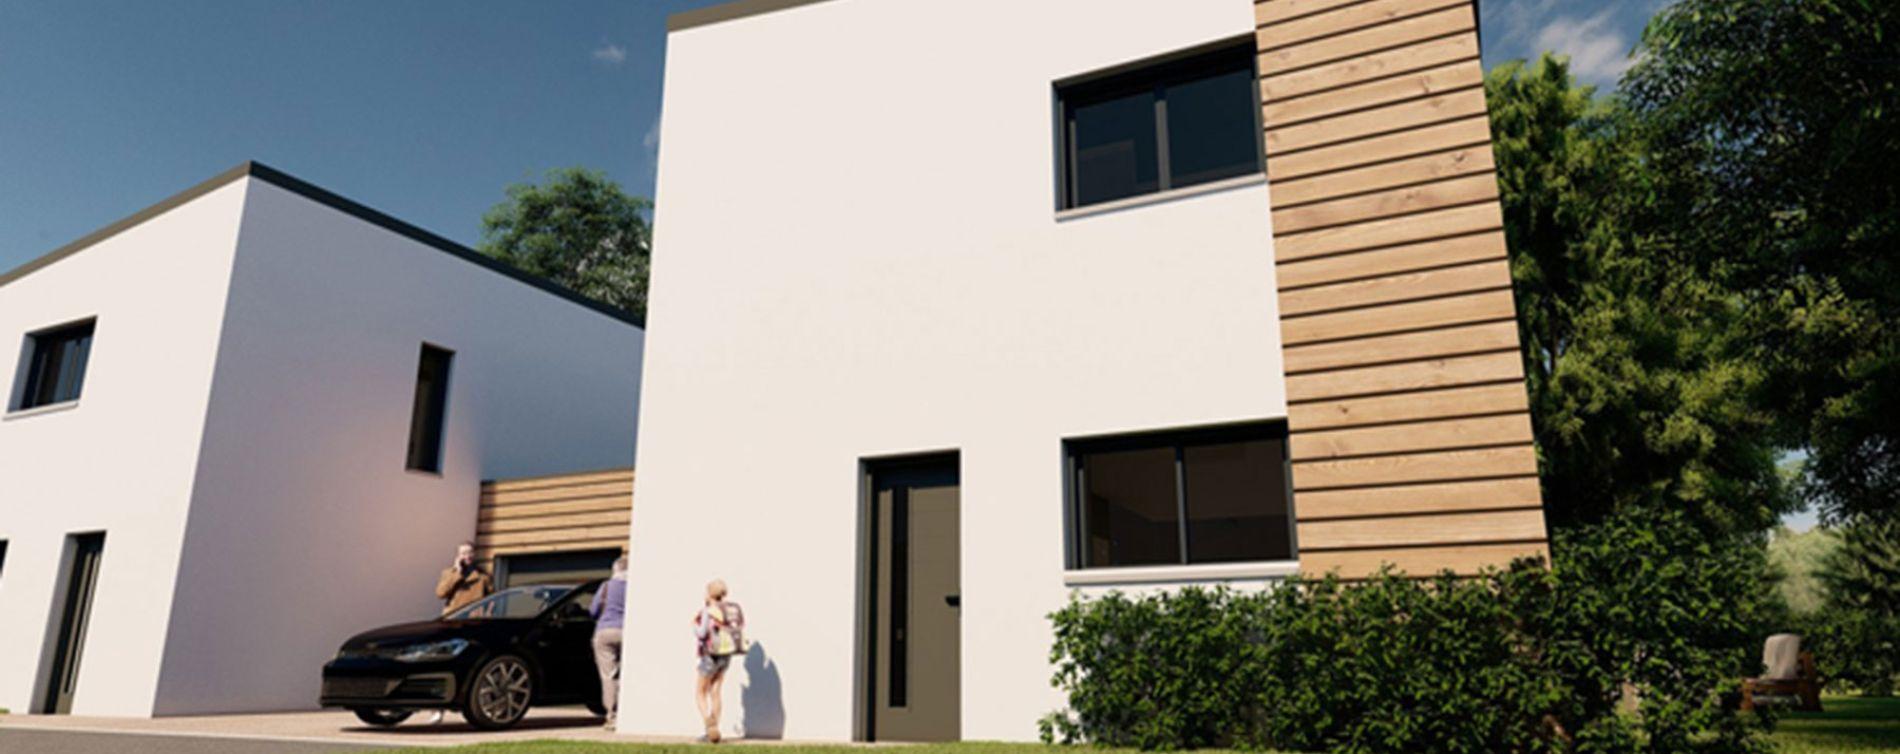 Saint-Sylvain-d'Anjou : programme immobilier neuve « Les Rives de l'Èpervière » (4)